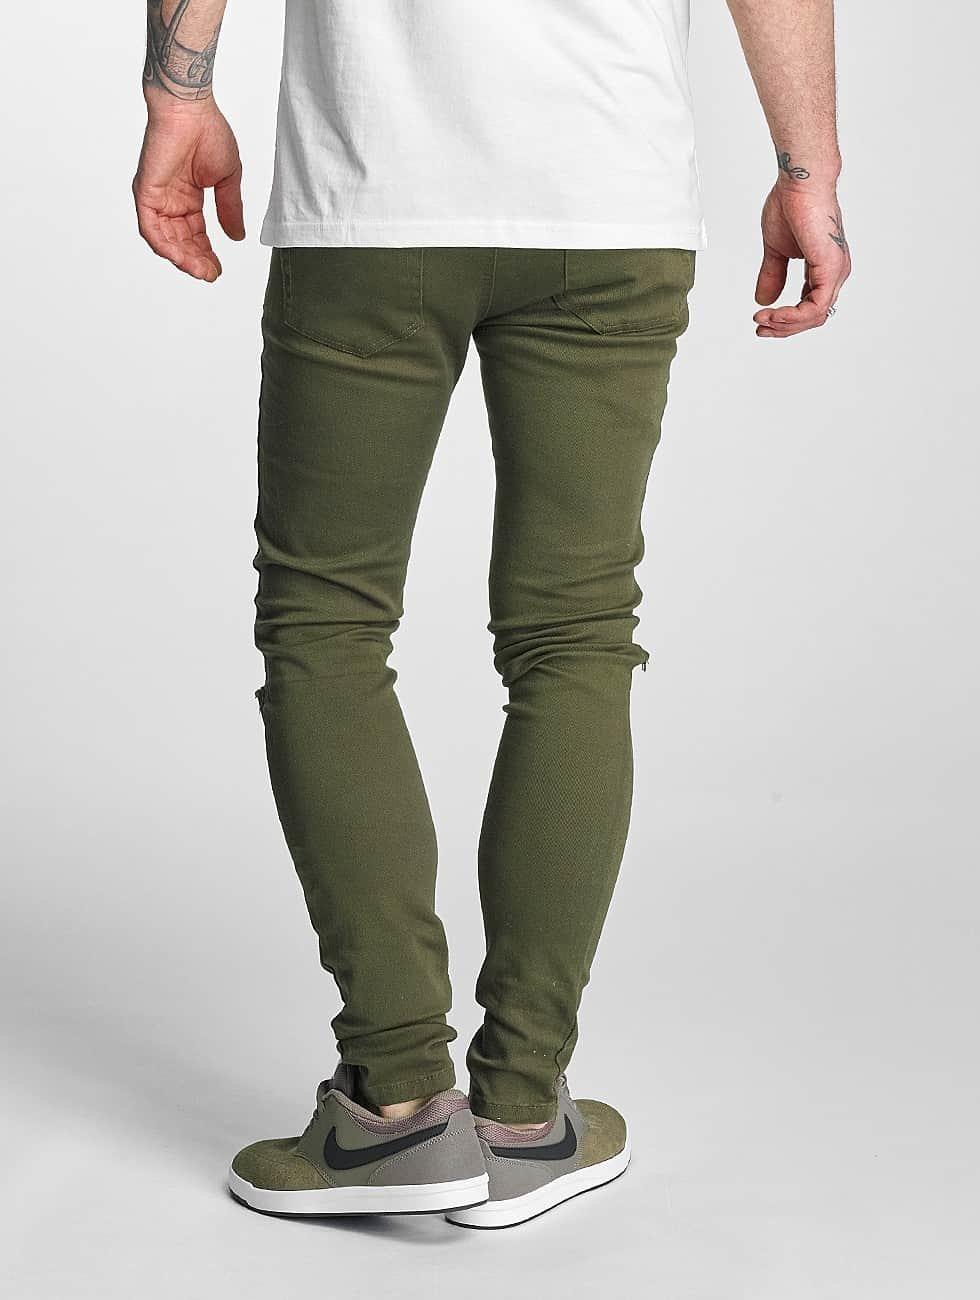 Criminal Damage Skinny Jeans Ripper olive